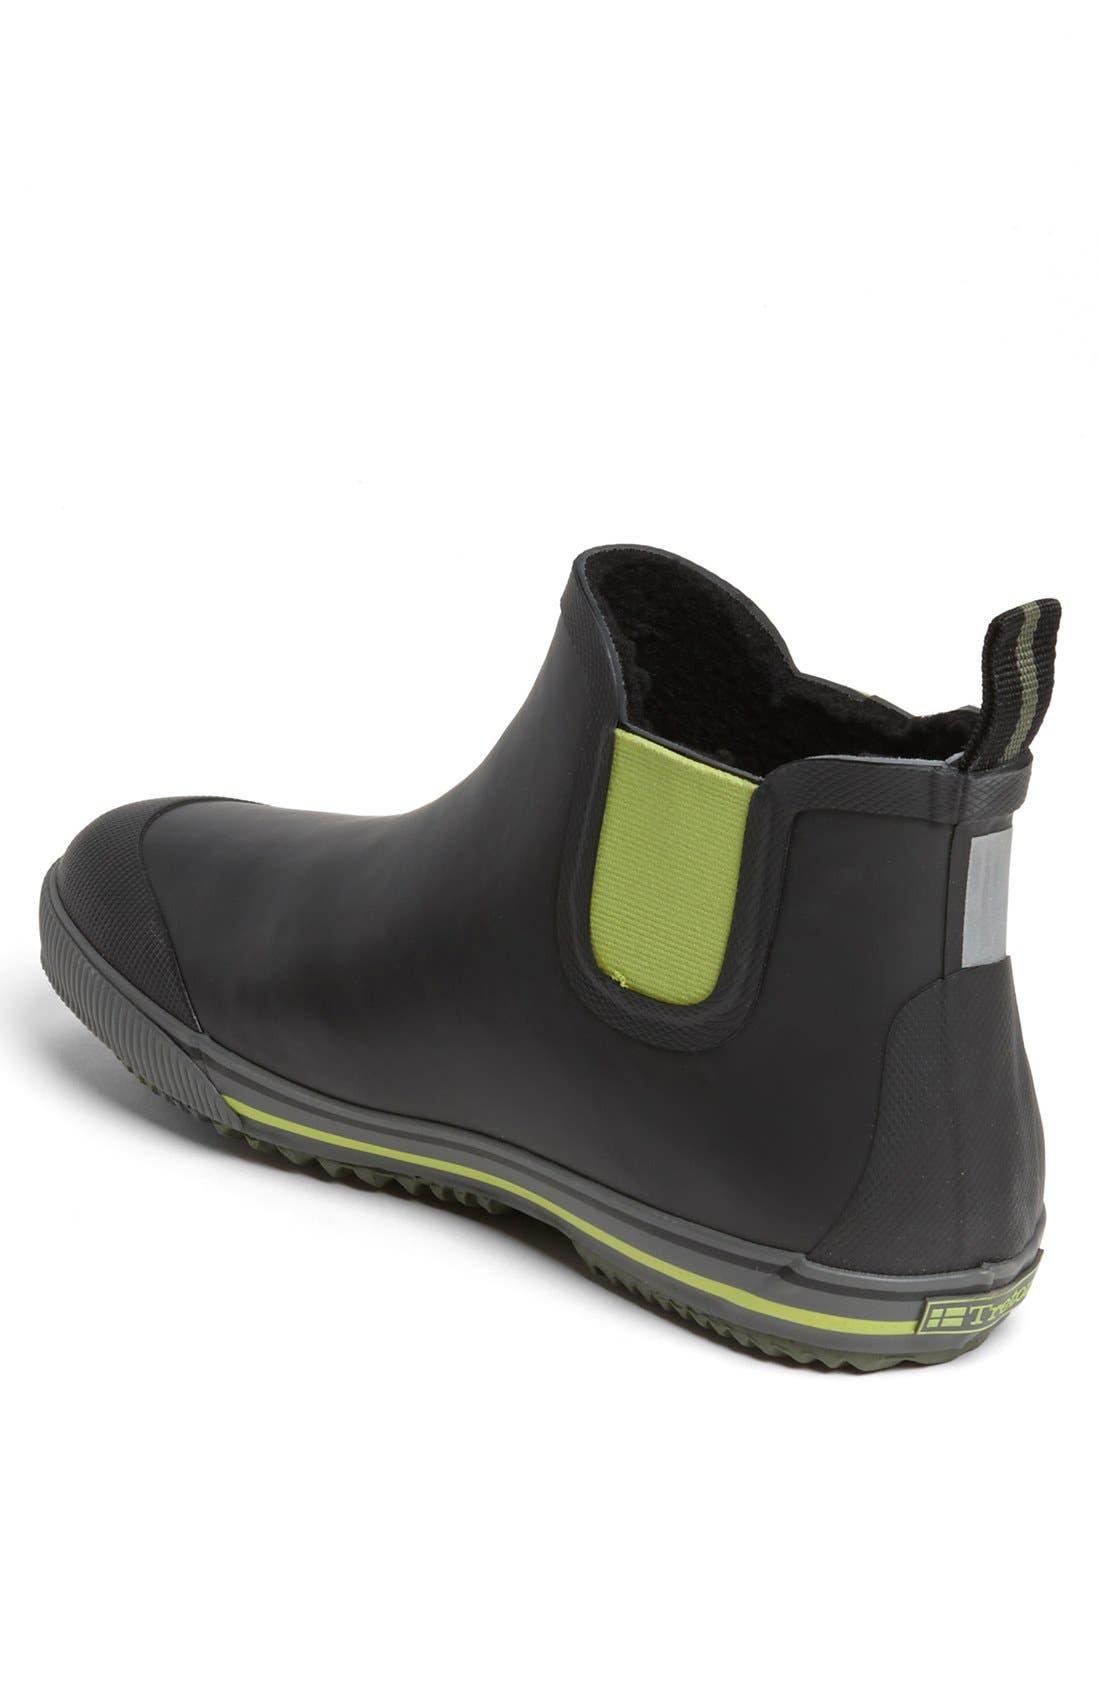 Alternate Image 2  - Tretorn 'Stråla Vinter' Rain Boot (Online Only)